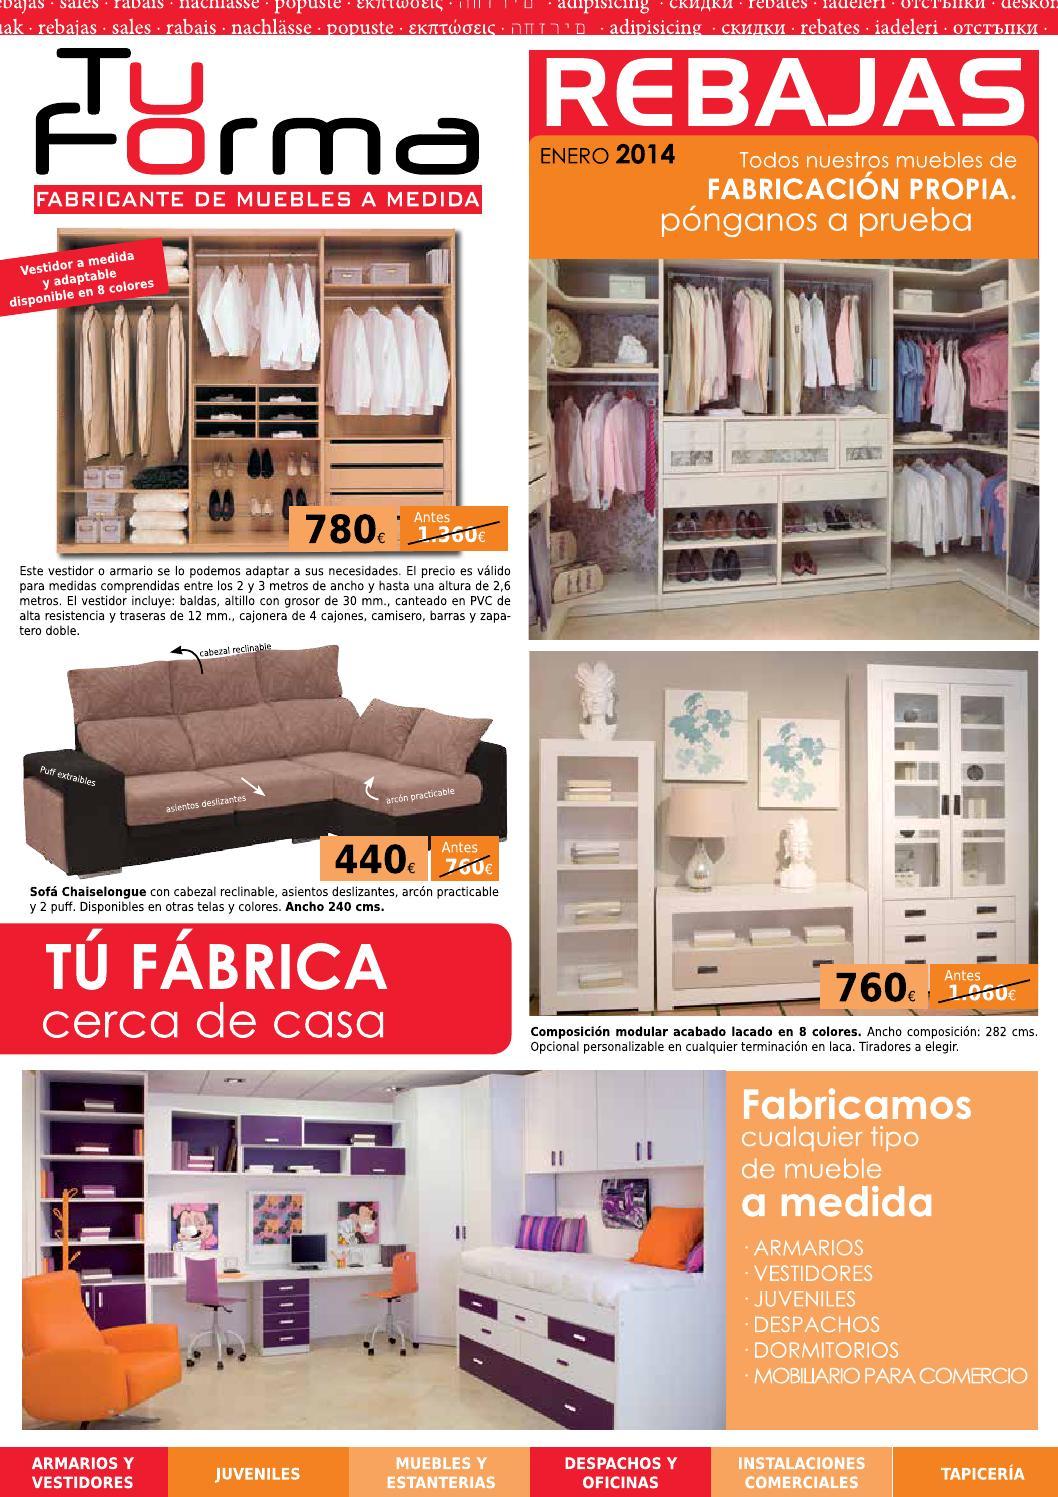 Tu forma 2014 sevilla y cordoba muebles sarria by for Factory muebles sevilla